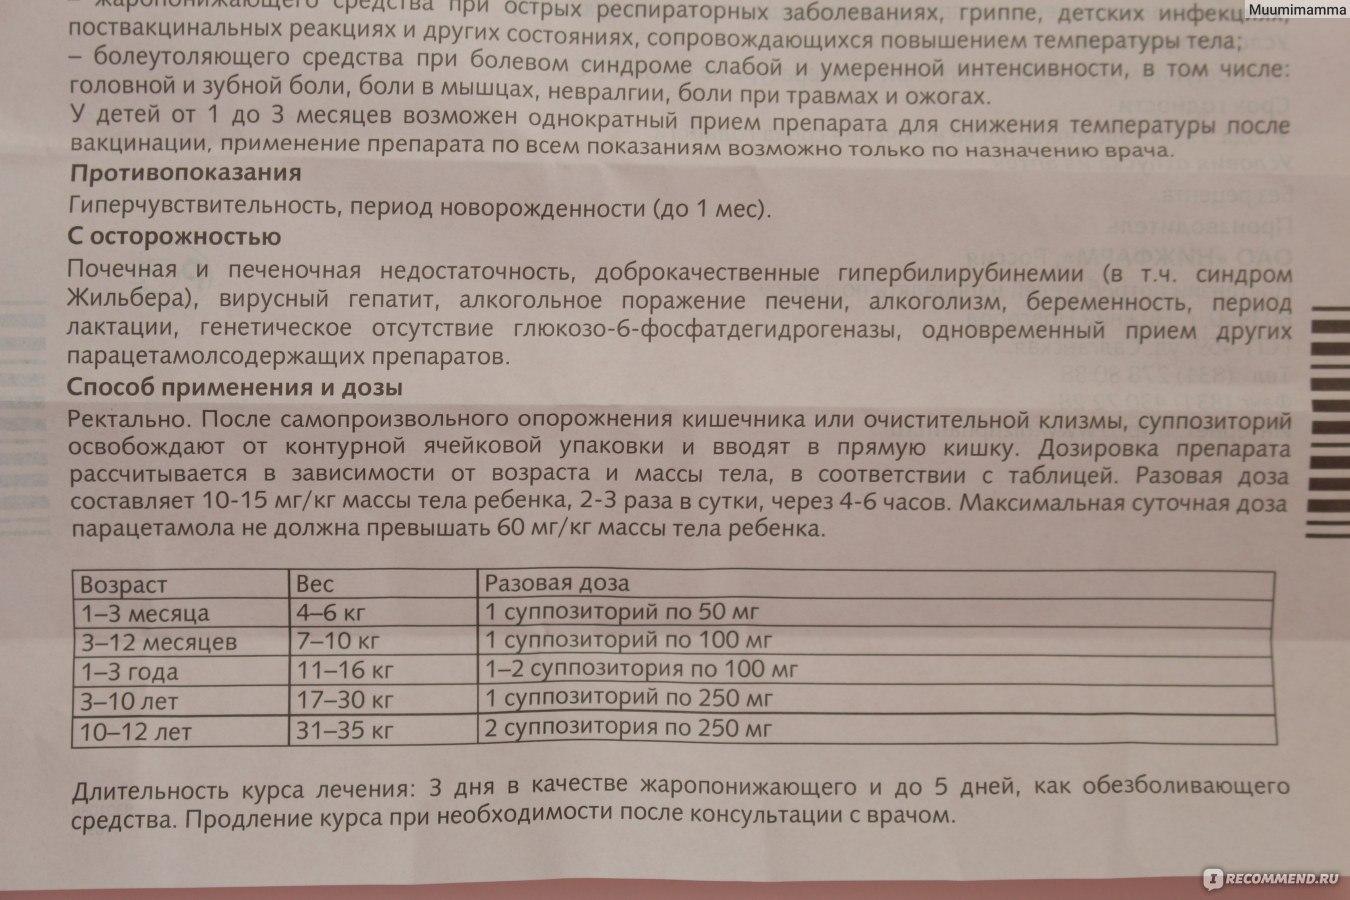 плантекс для новорожденных инструкция по применению